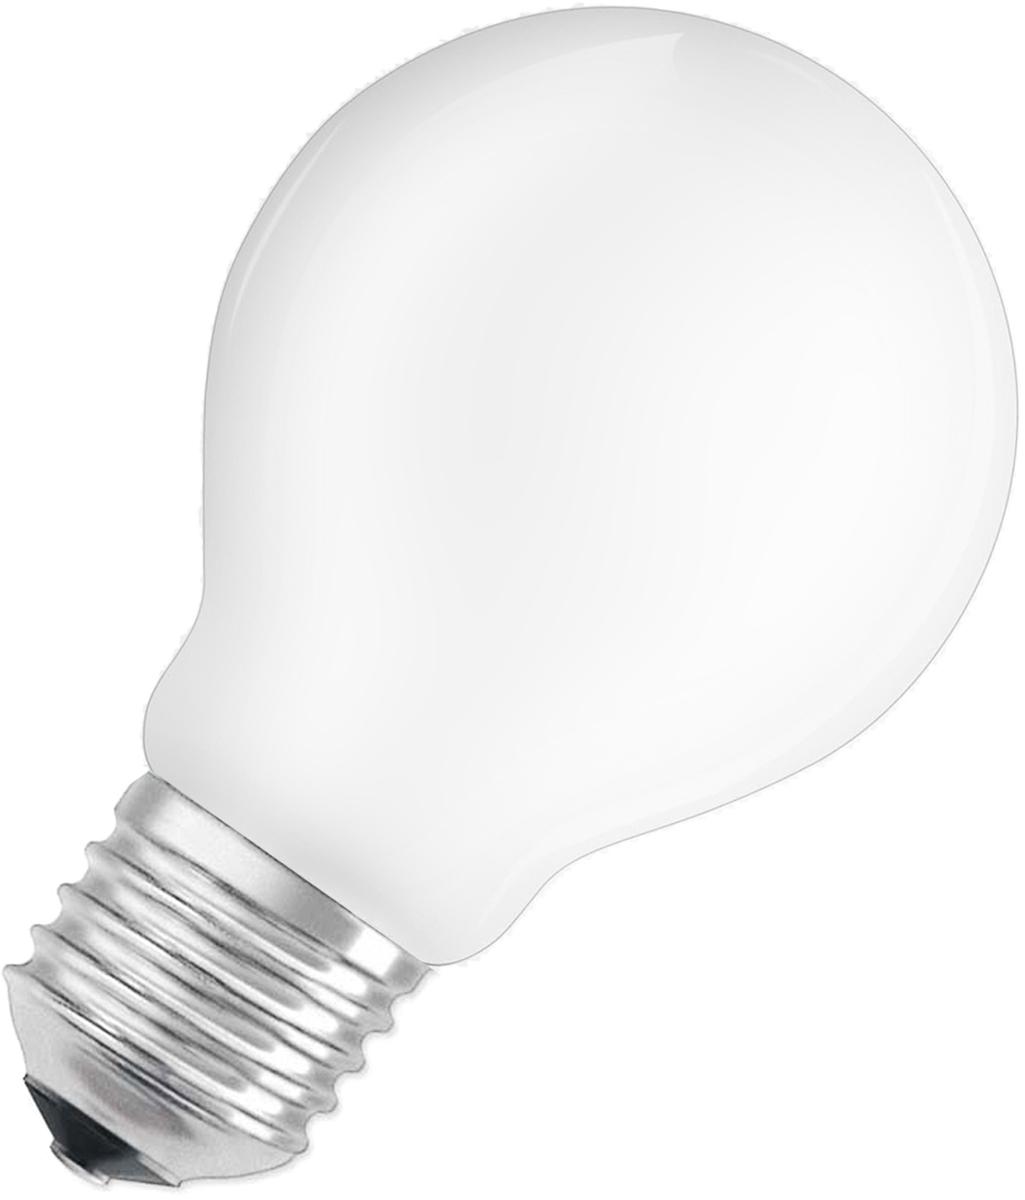 Лампа накаливания Osram Classic A FR 40Вт E27 220-240В 40083214194154008321419415Конструкция лампы состоит из стеклянной колбы, заполненной инертным газом. Основу устройства составляет тело накала или вольфрамовая спираль, которая под воздействием электрического тока начинает излучать свечение.Лампы накаливания используются для всеобщего, местного и наружного освещения в быту и промышленности в сетях переменного тока напряжением 220 В частотой 50 Гц